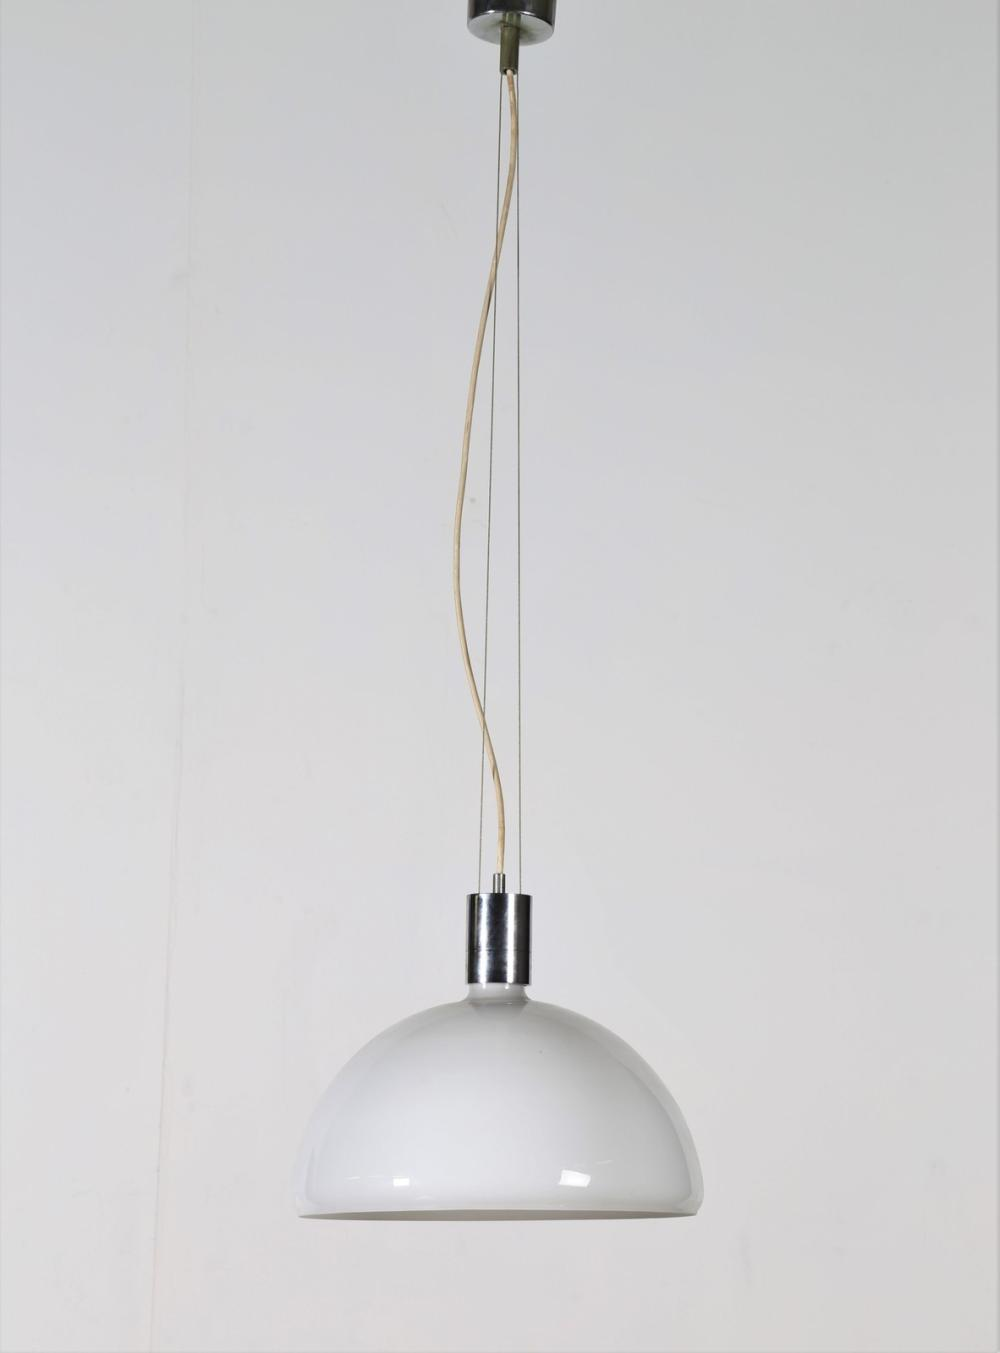 FRANCO ALBINI - FRANCA HELG Ceiling lamp, AM/AS series